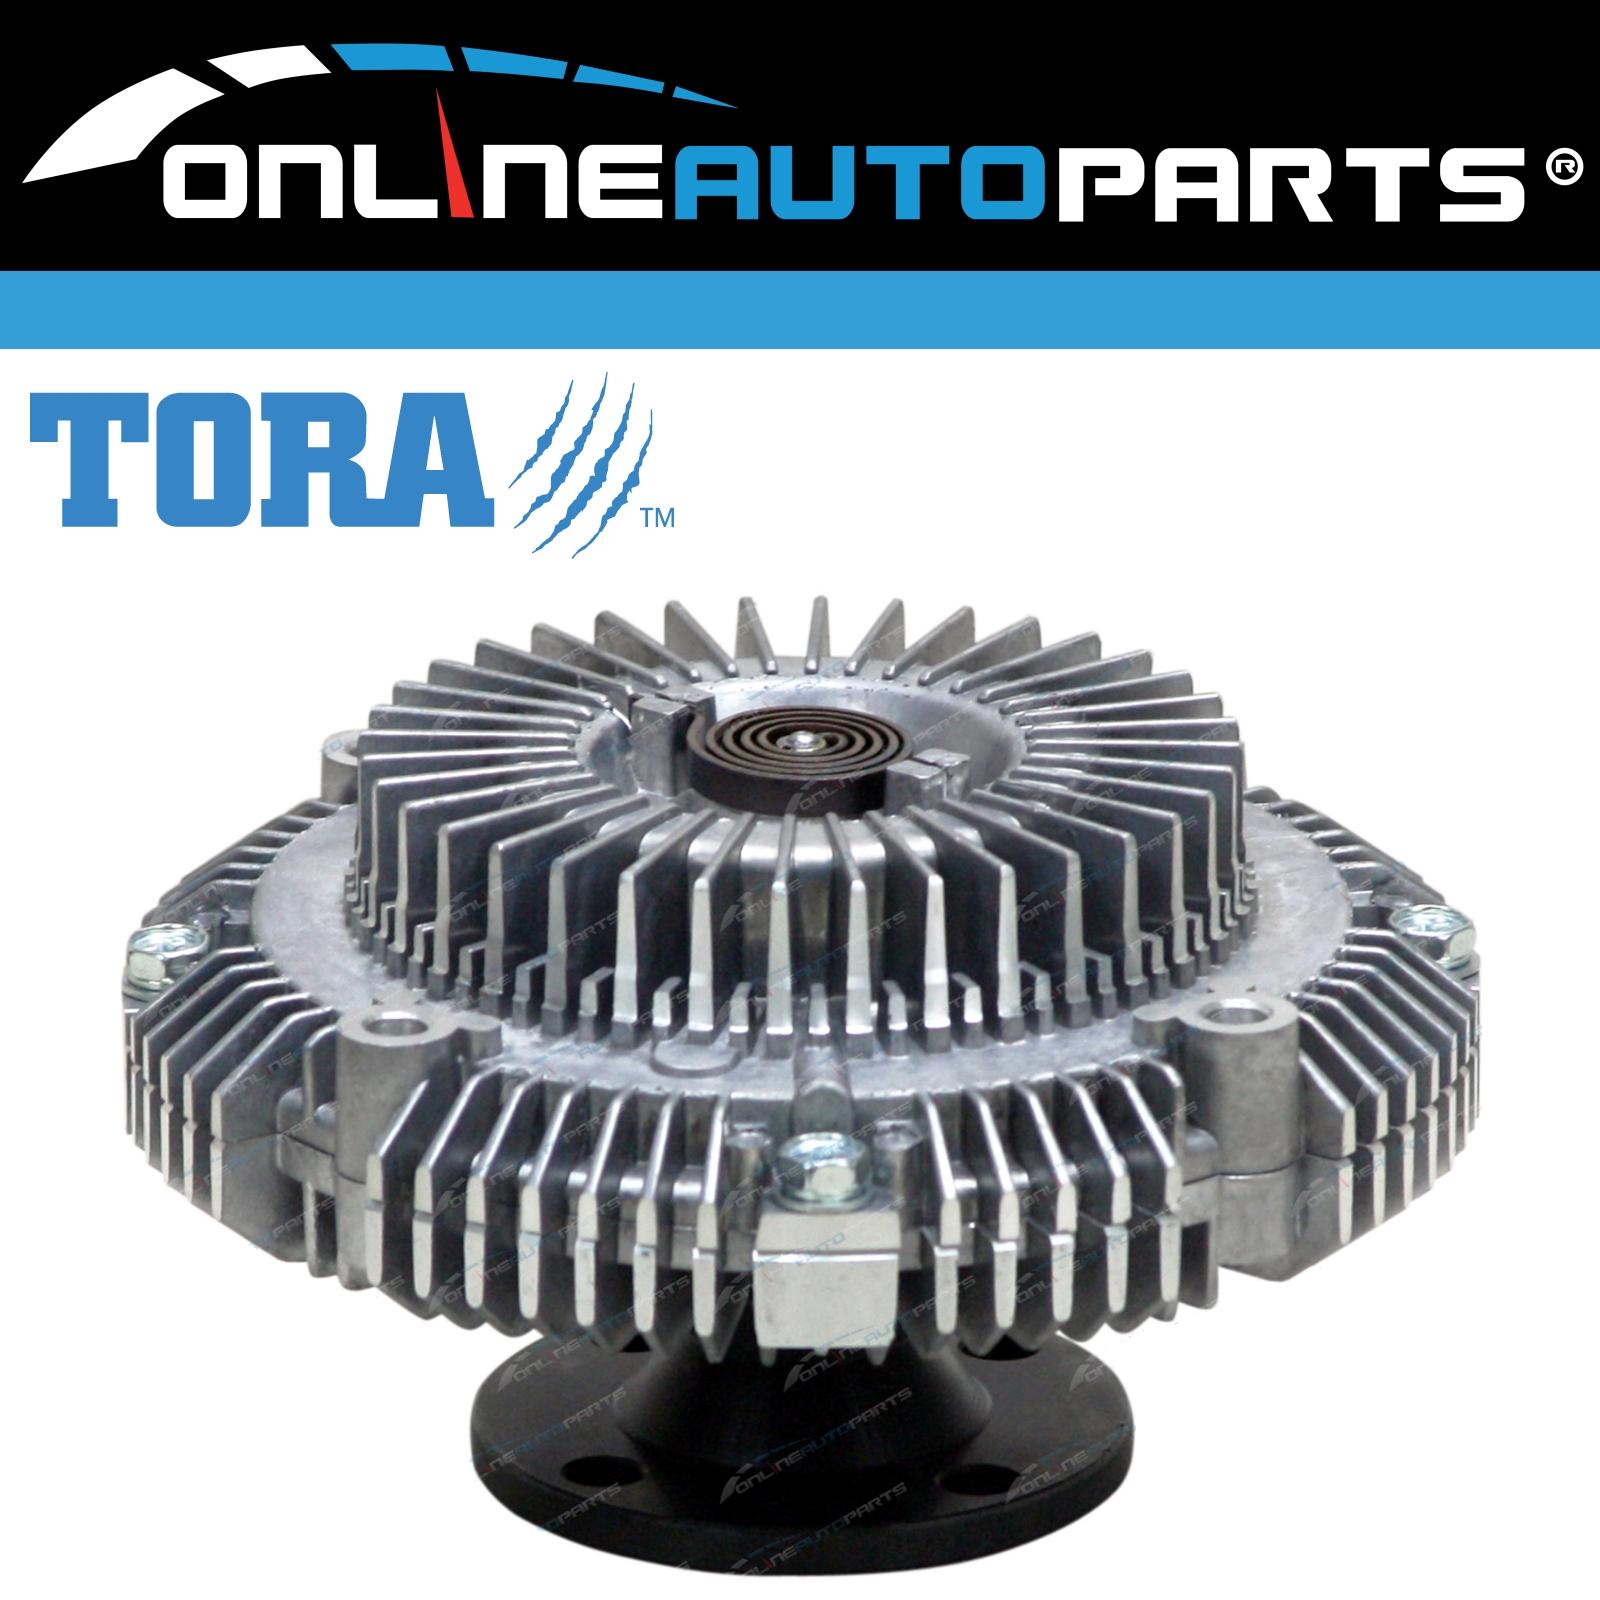 Water Pump Fan Clutch /& Blade suits Hilux LN106 LN107 LN111 LN86 2.8L 3L 88~99